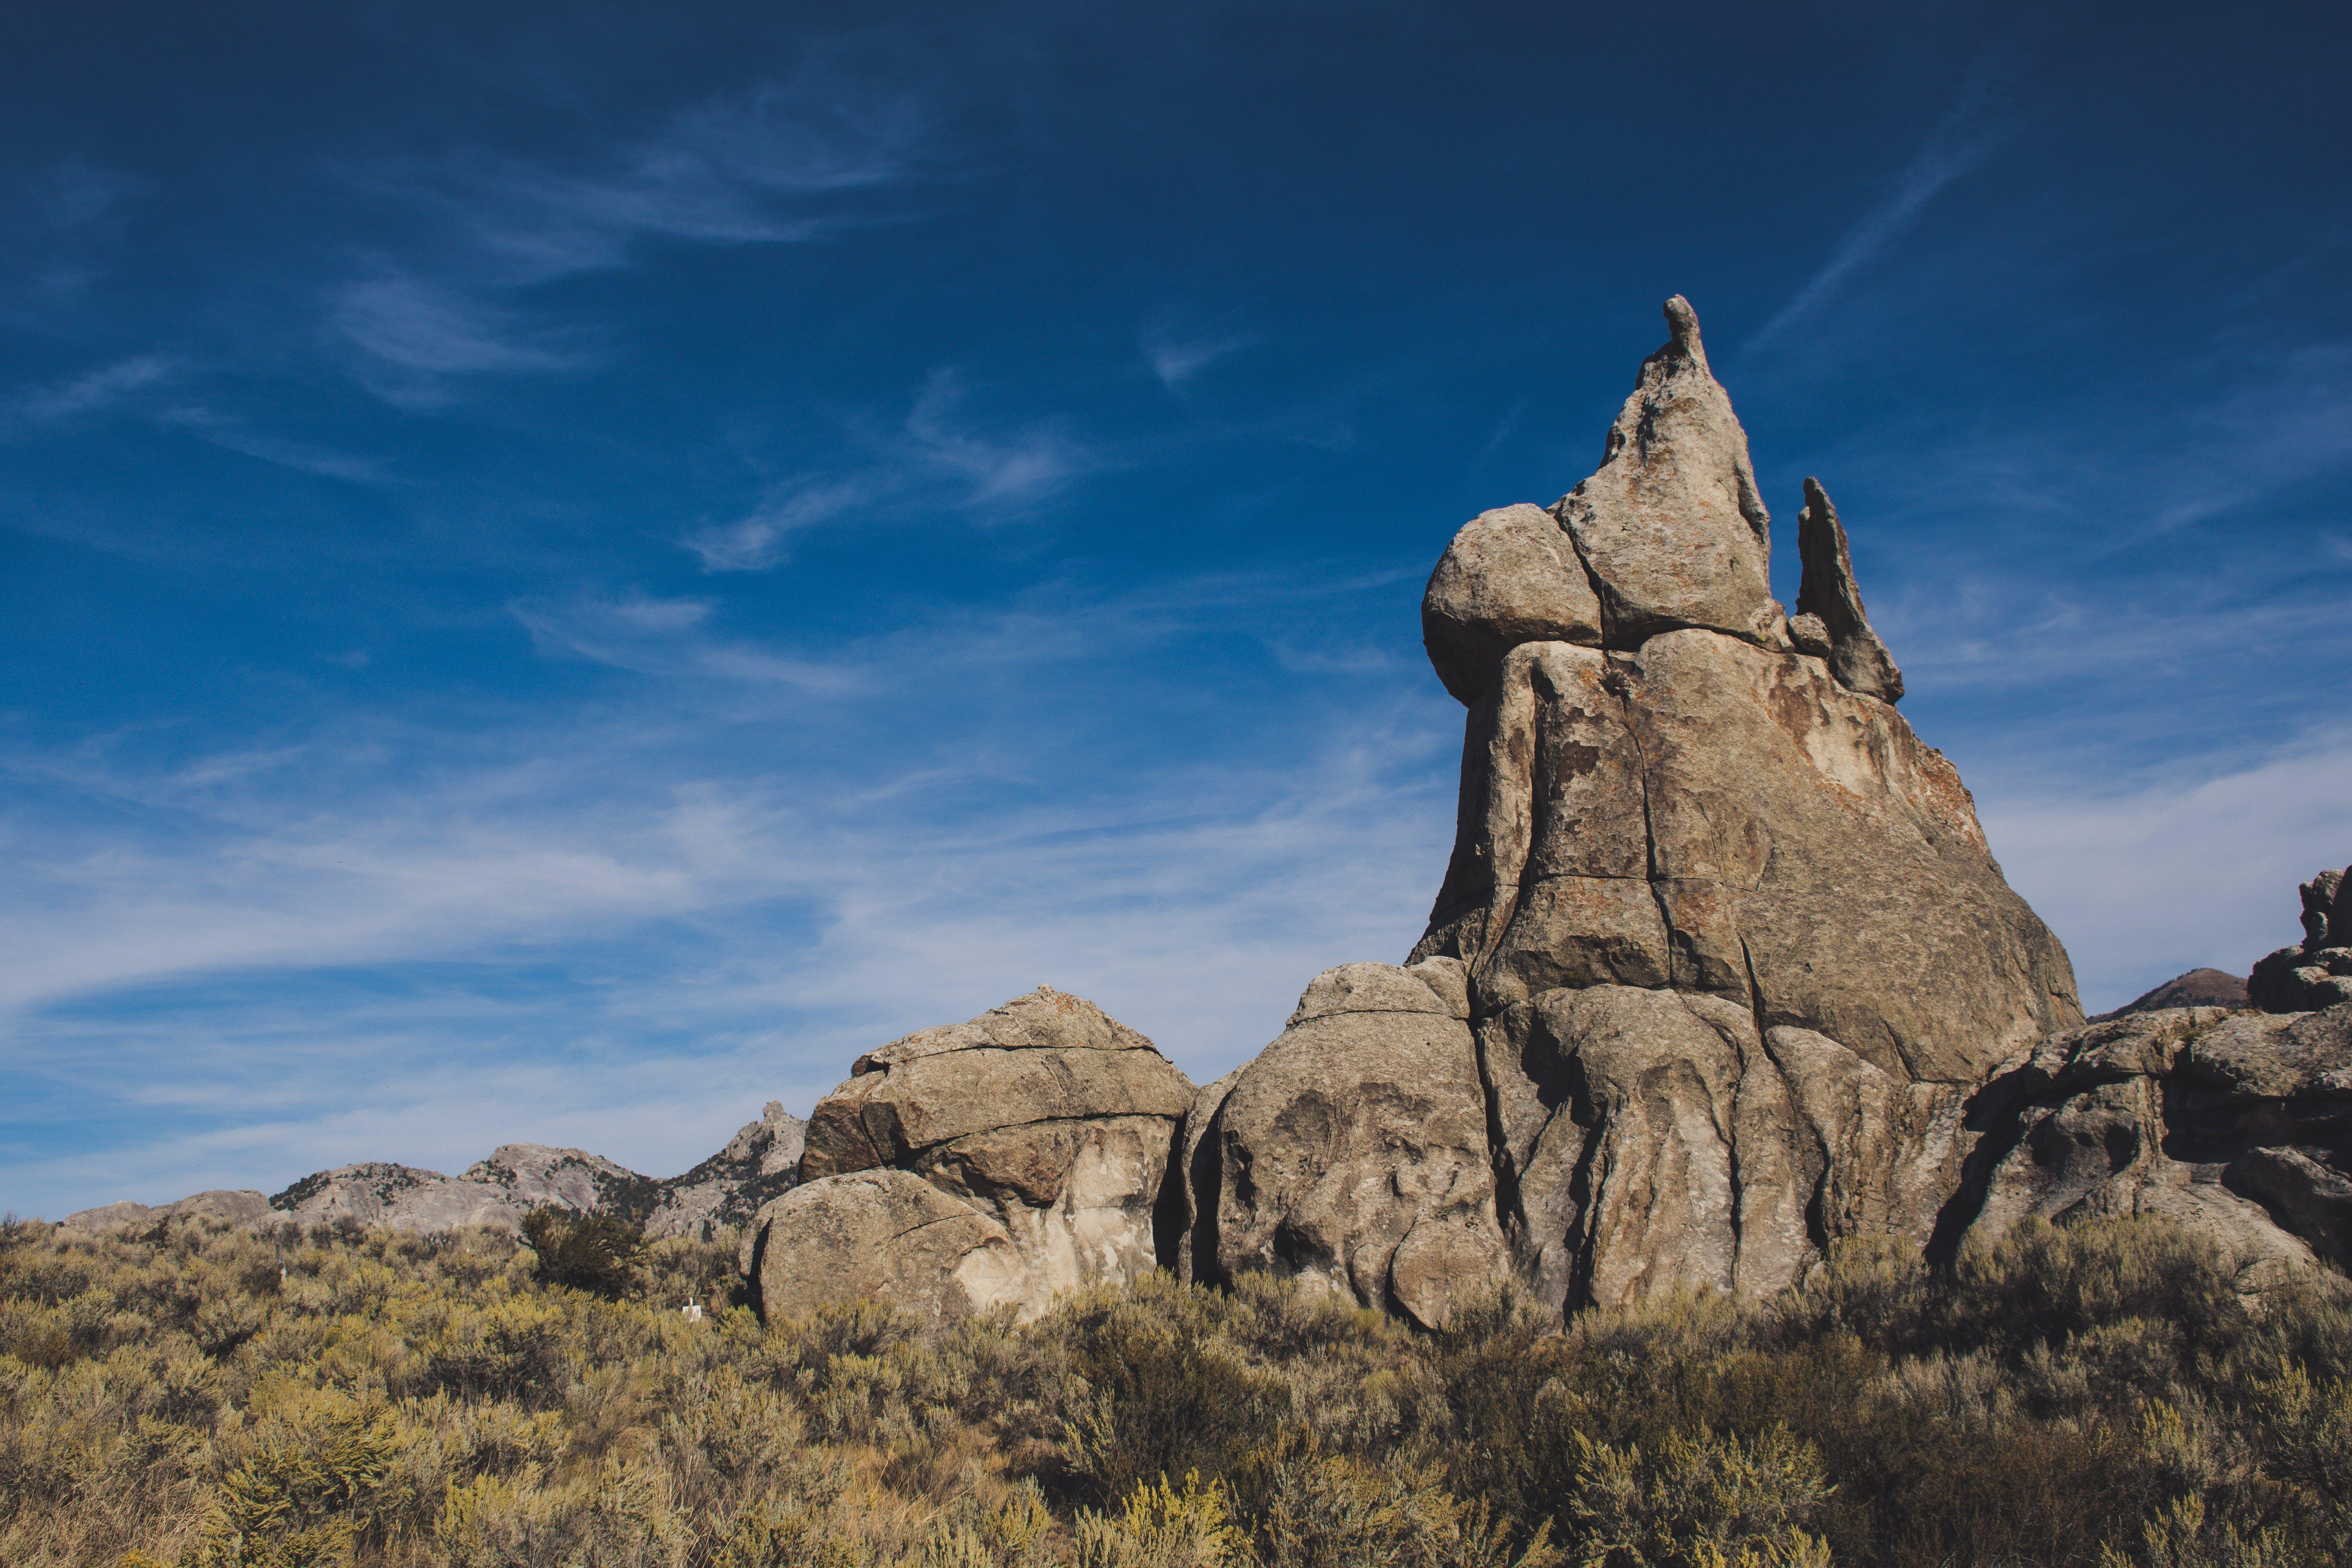 Brown Stone Mountain